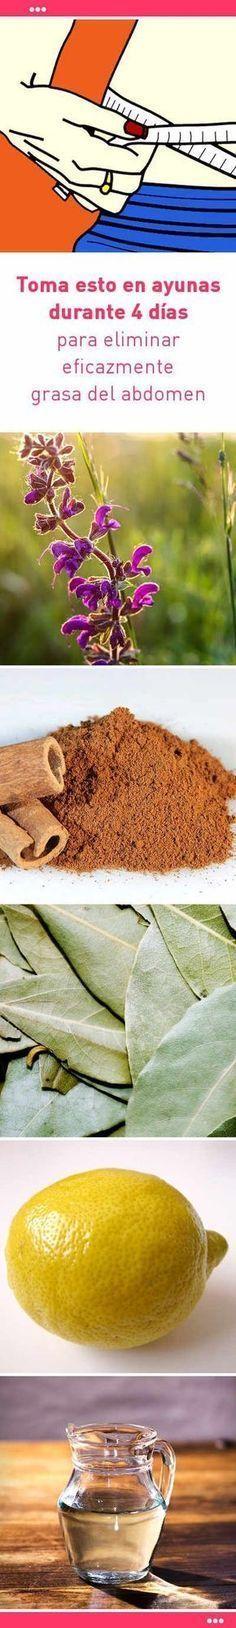 Toma esto en ayunas durante 4 días para eliminar eficazmente grasa del abdomen